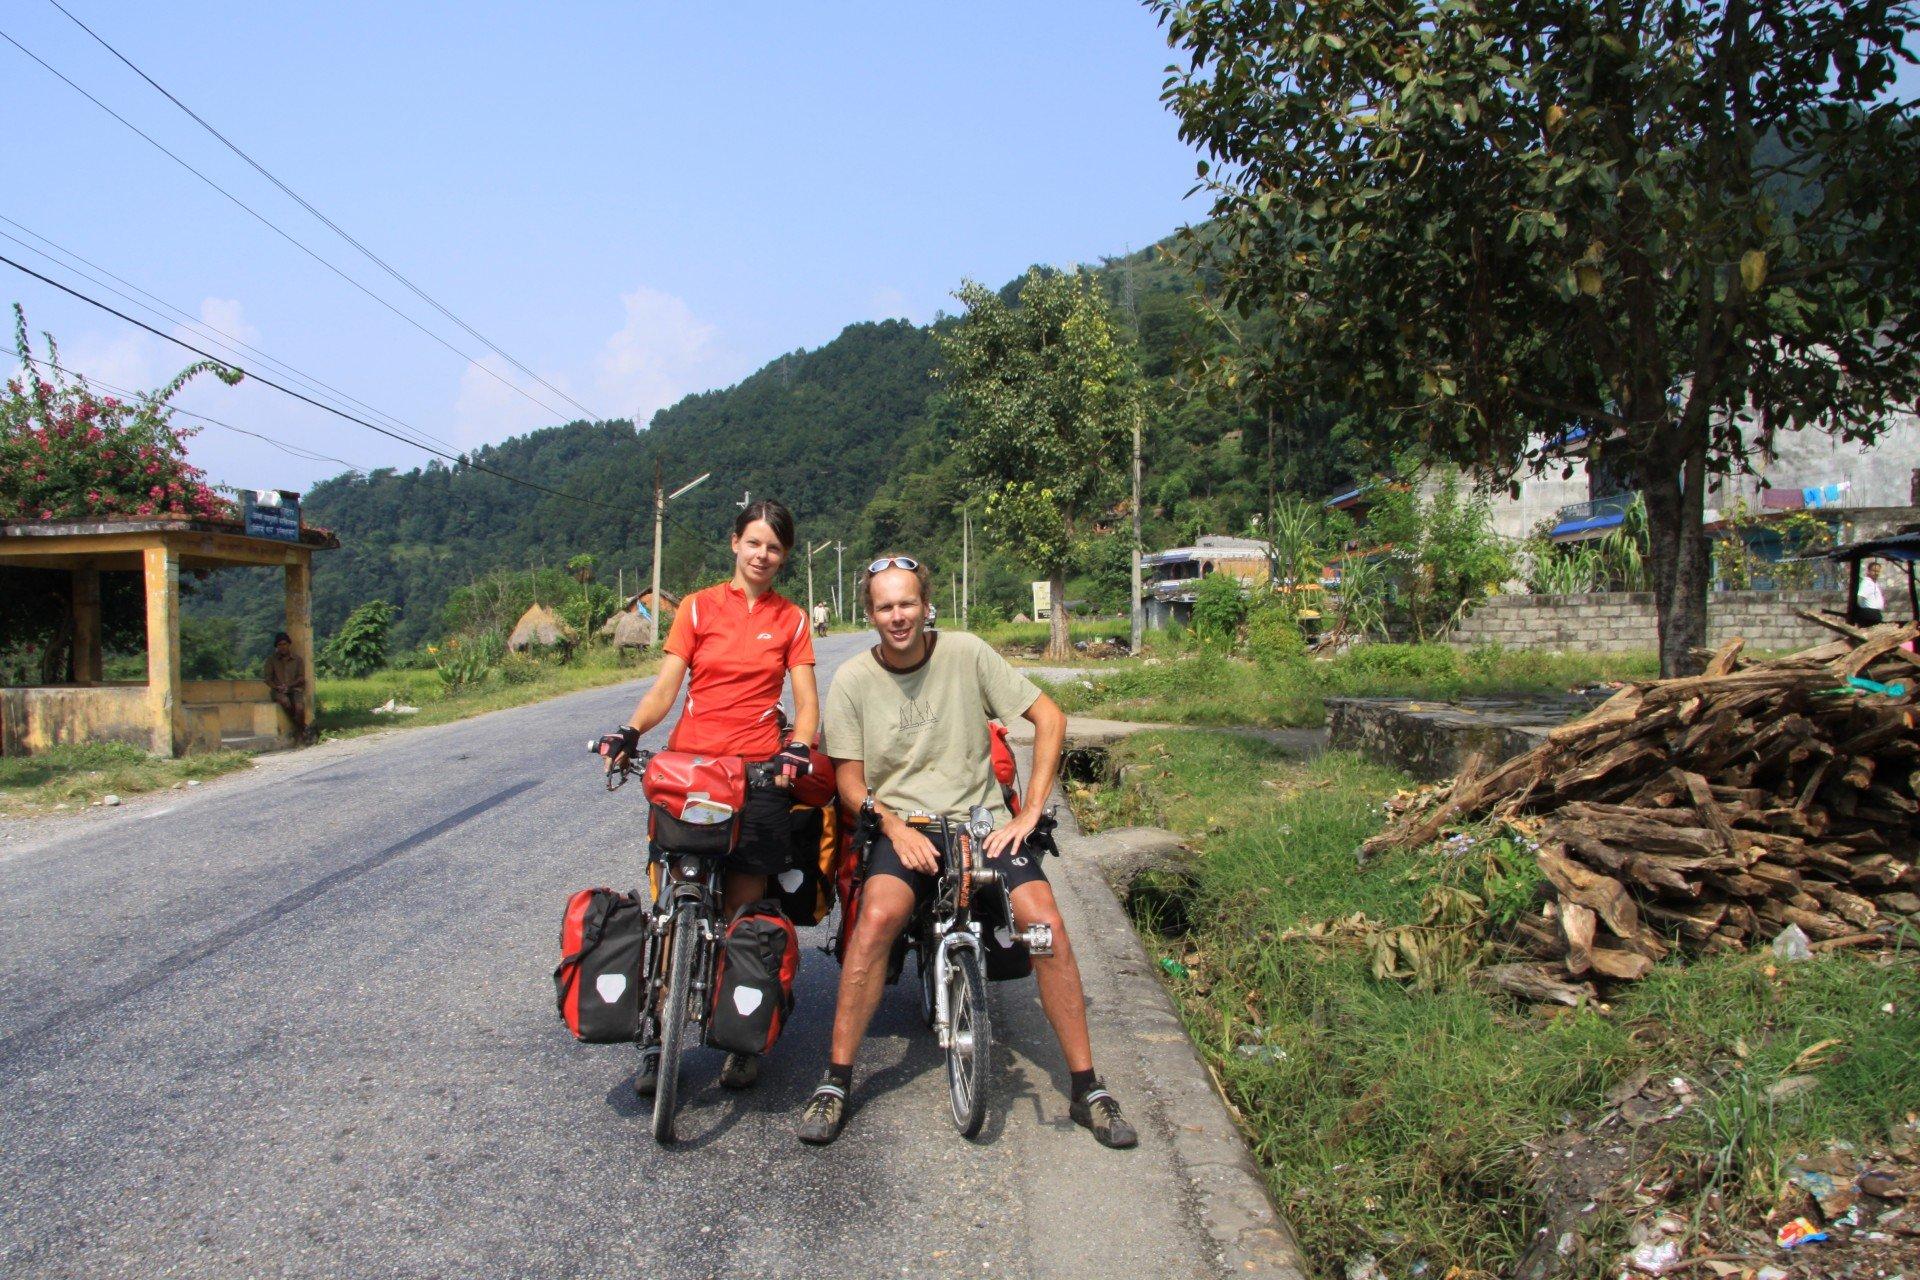 auf dem Siddhartha Highway in Nepal